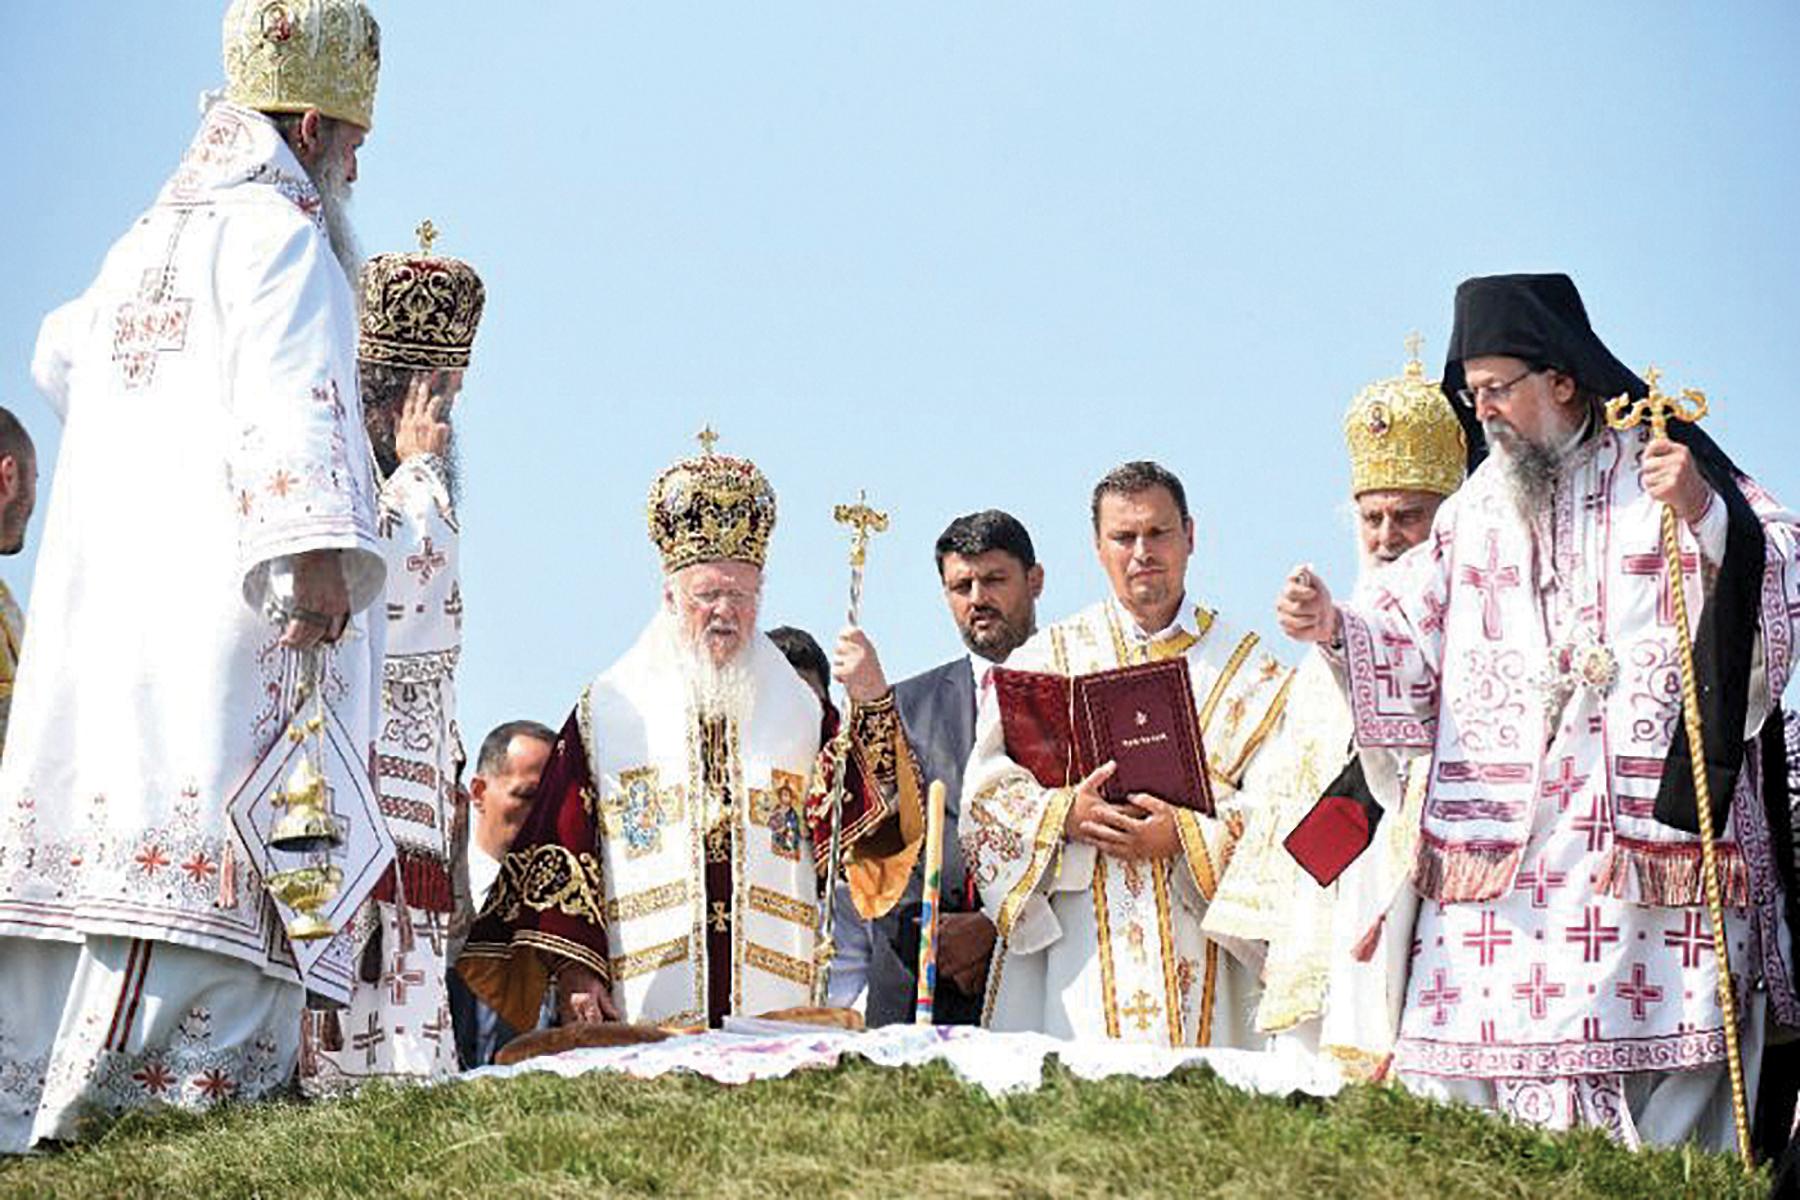 Evenimente comemorative în Eparhia Slavoniei, Croația